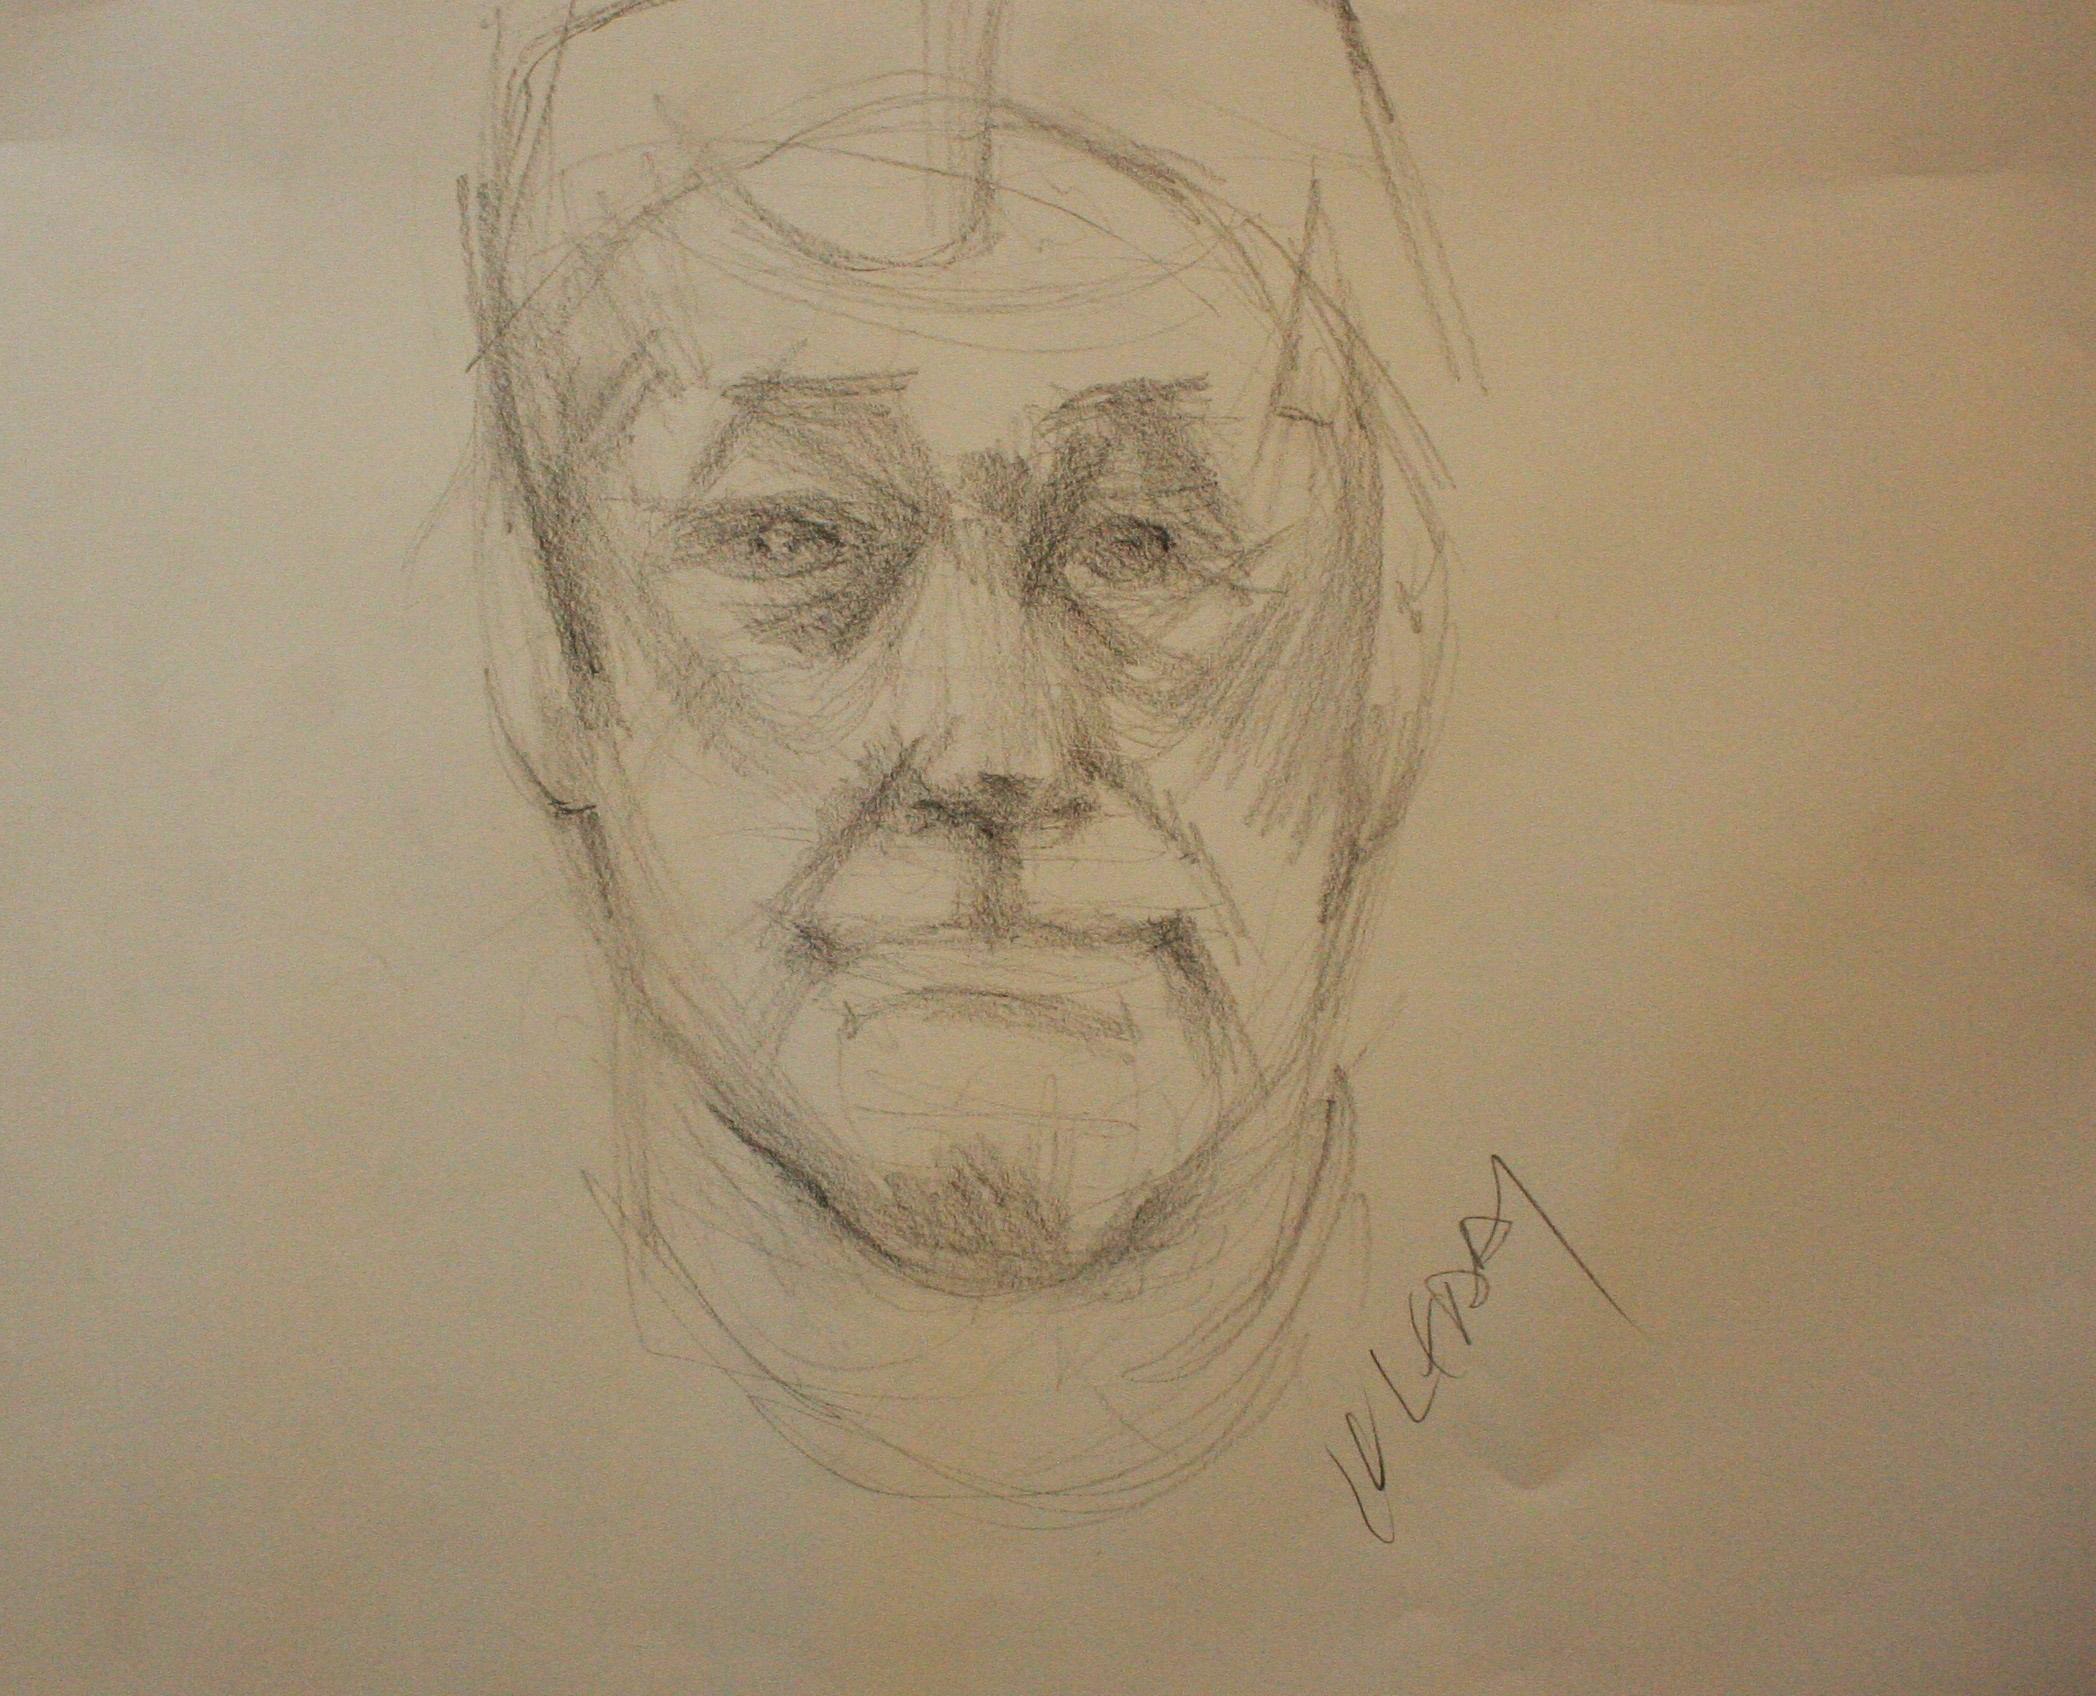 William Leddy did this sketch.